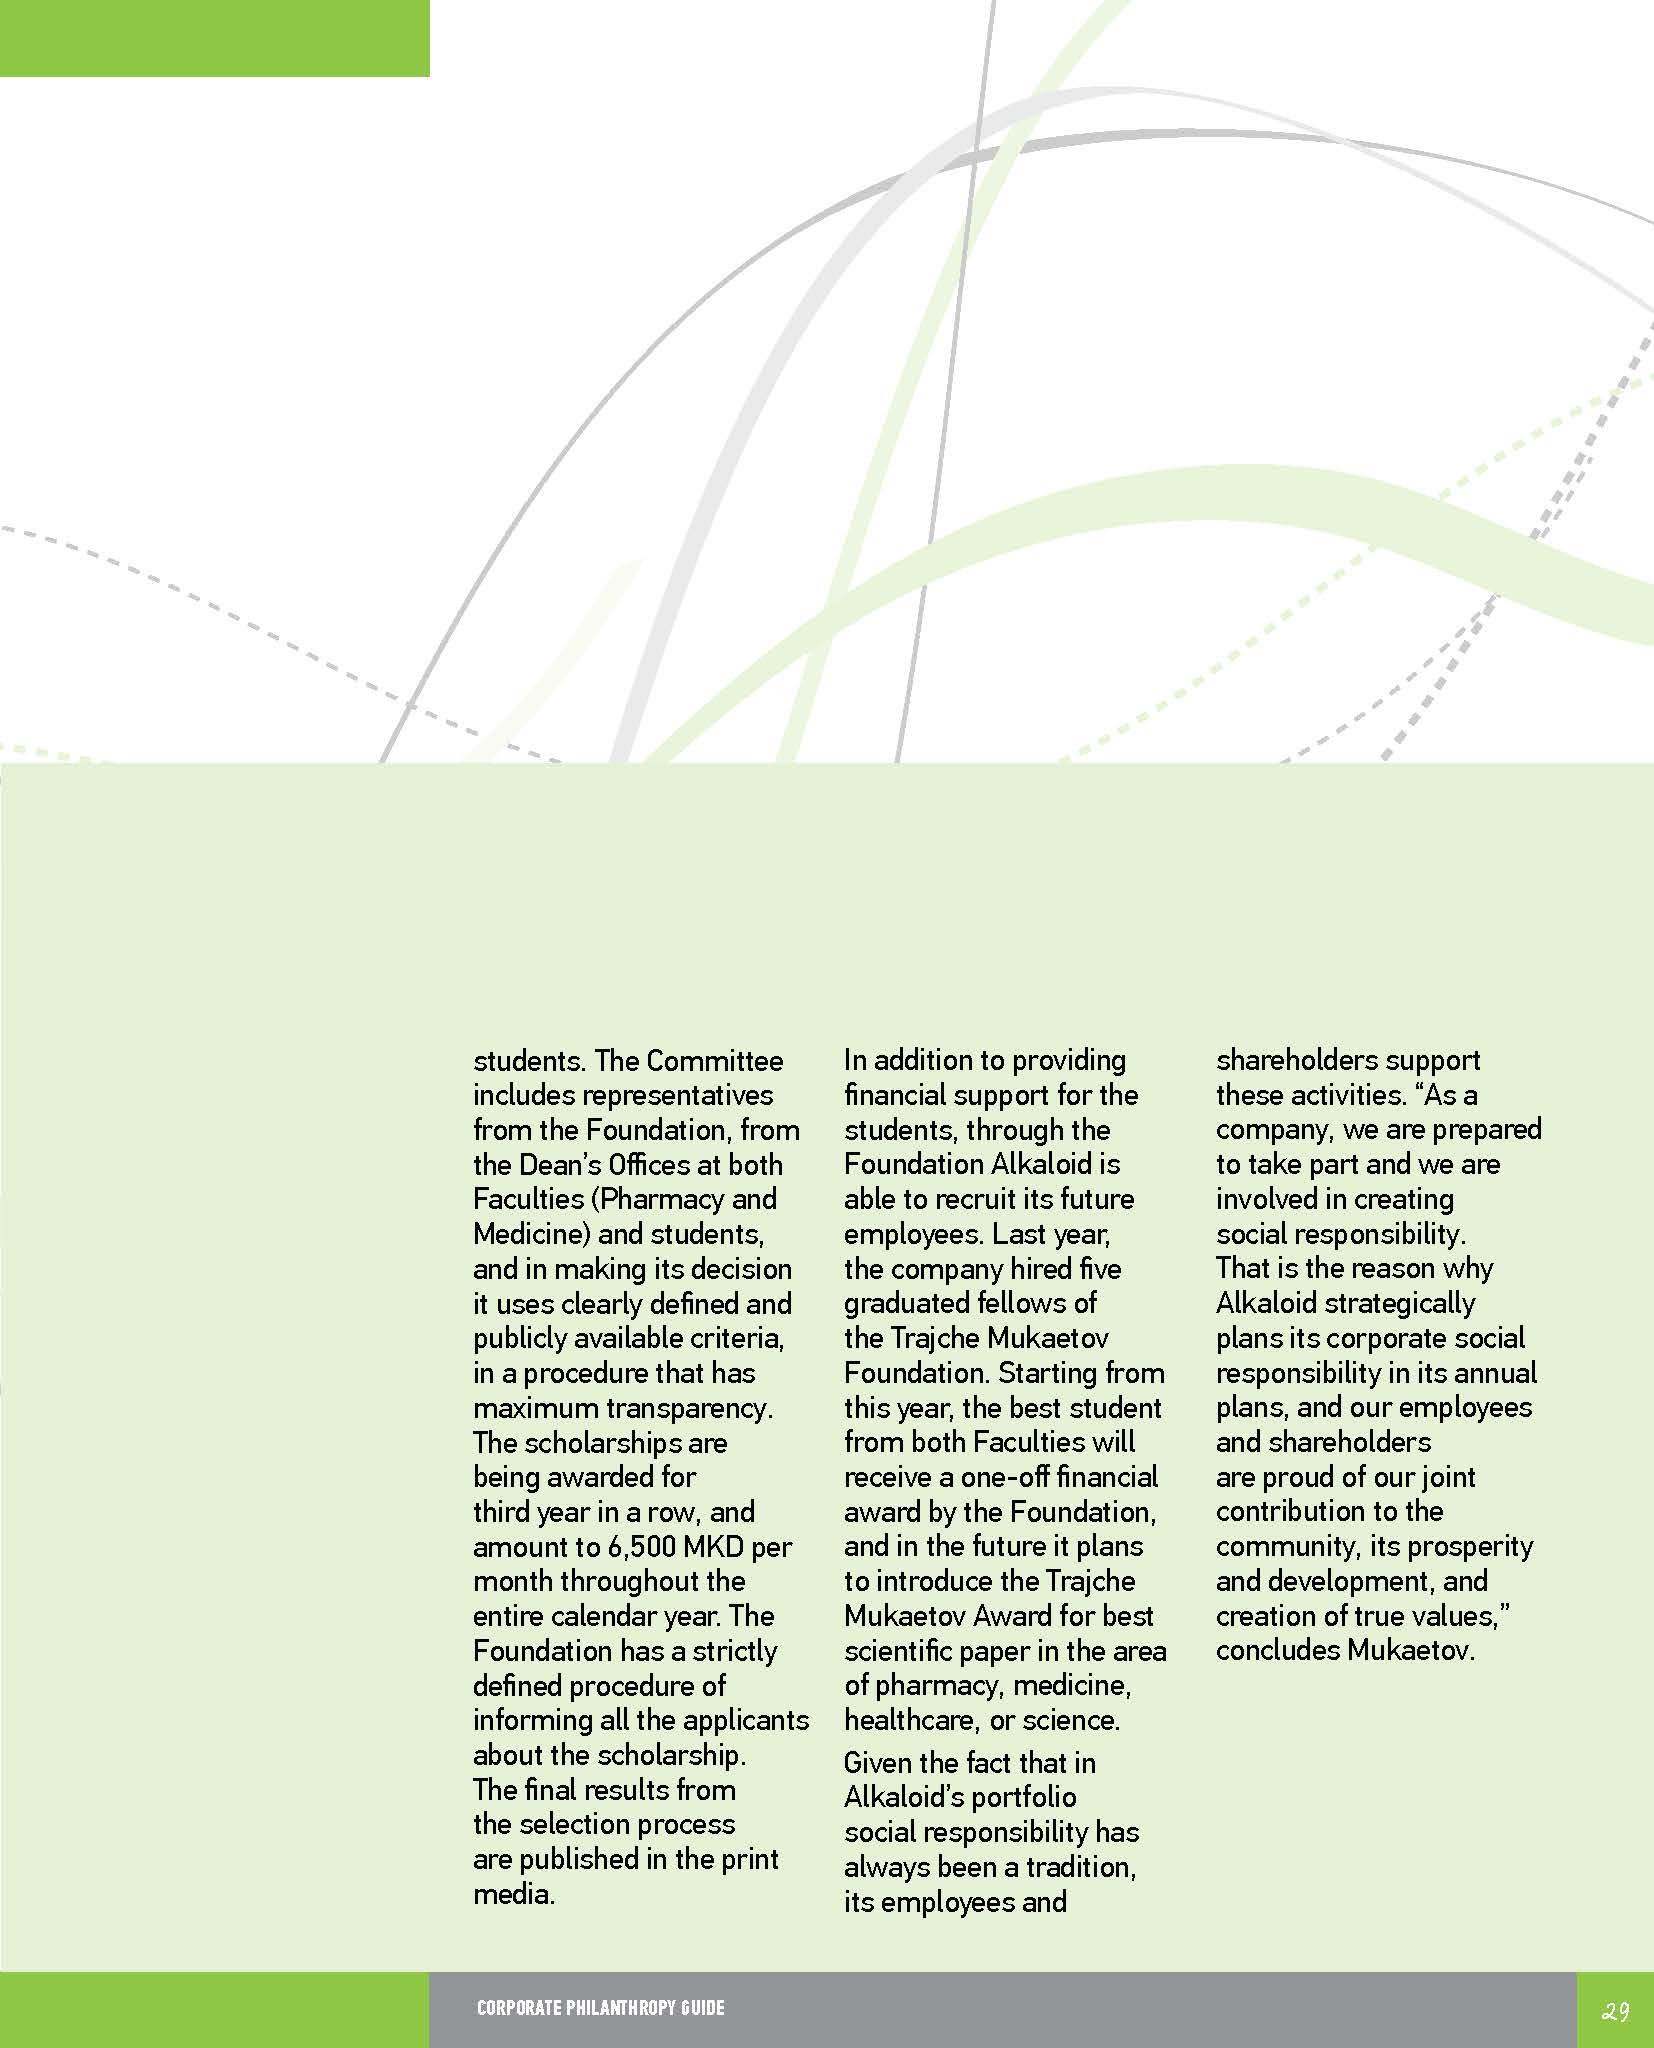 Konekt_publikacija_en_Seite_31.jpg